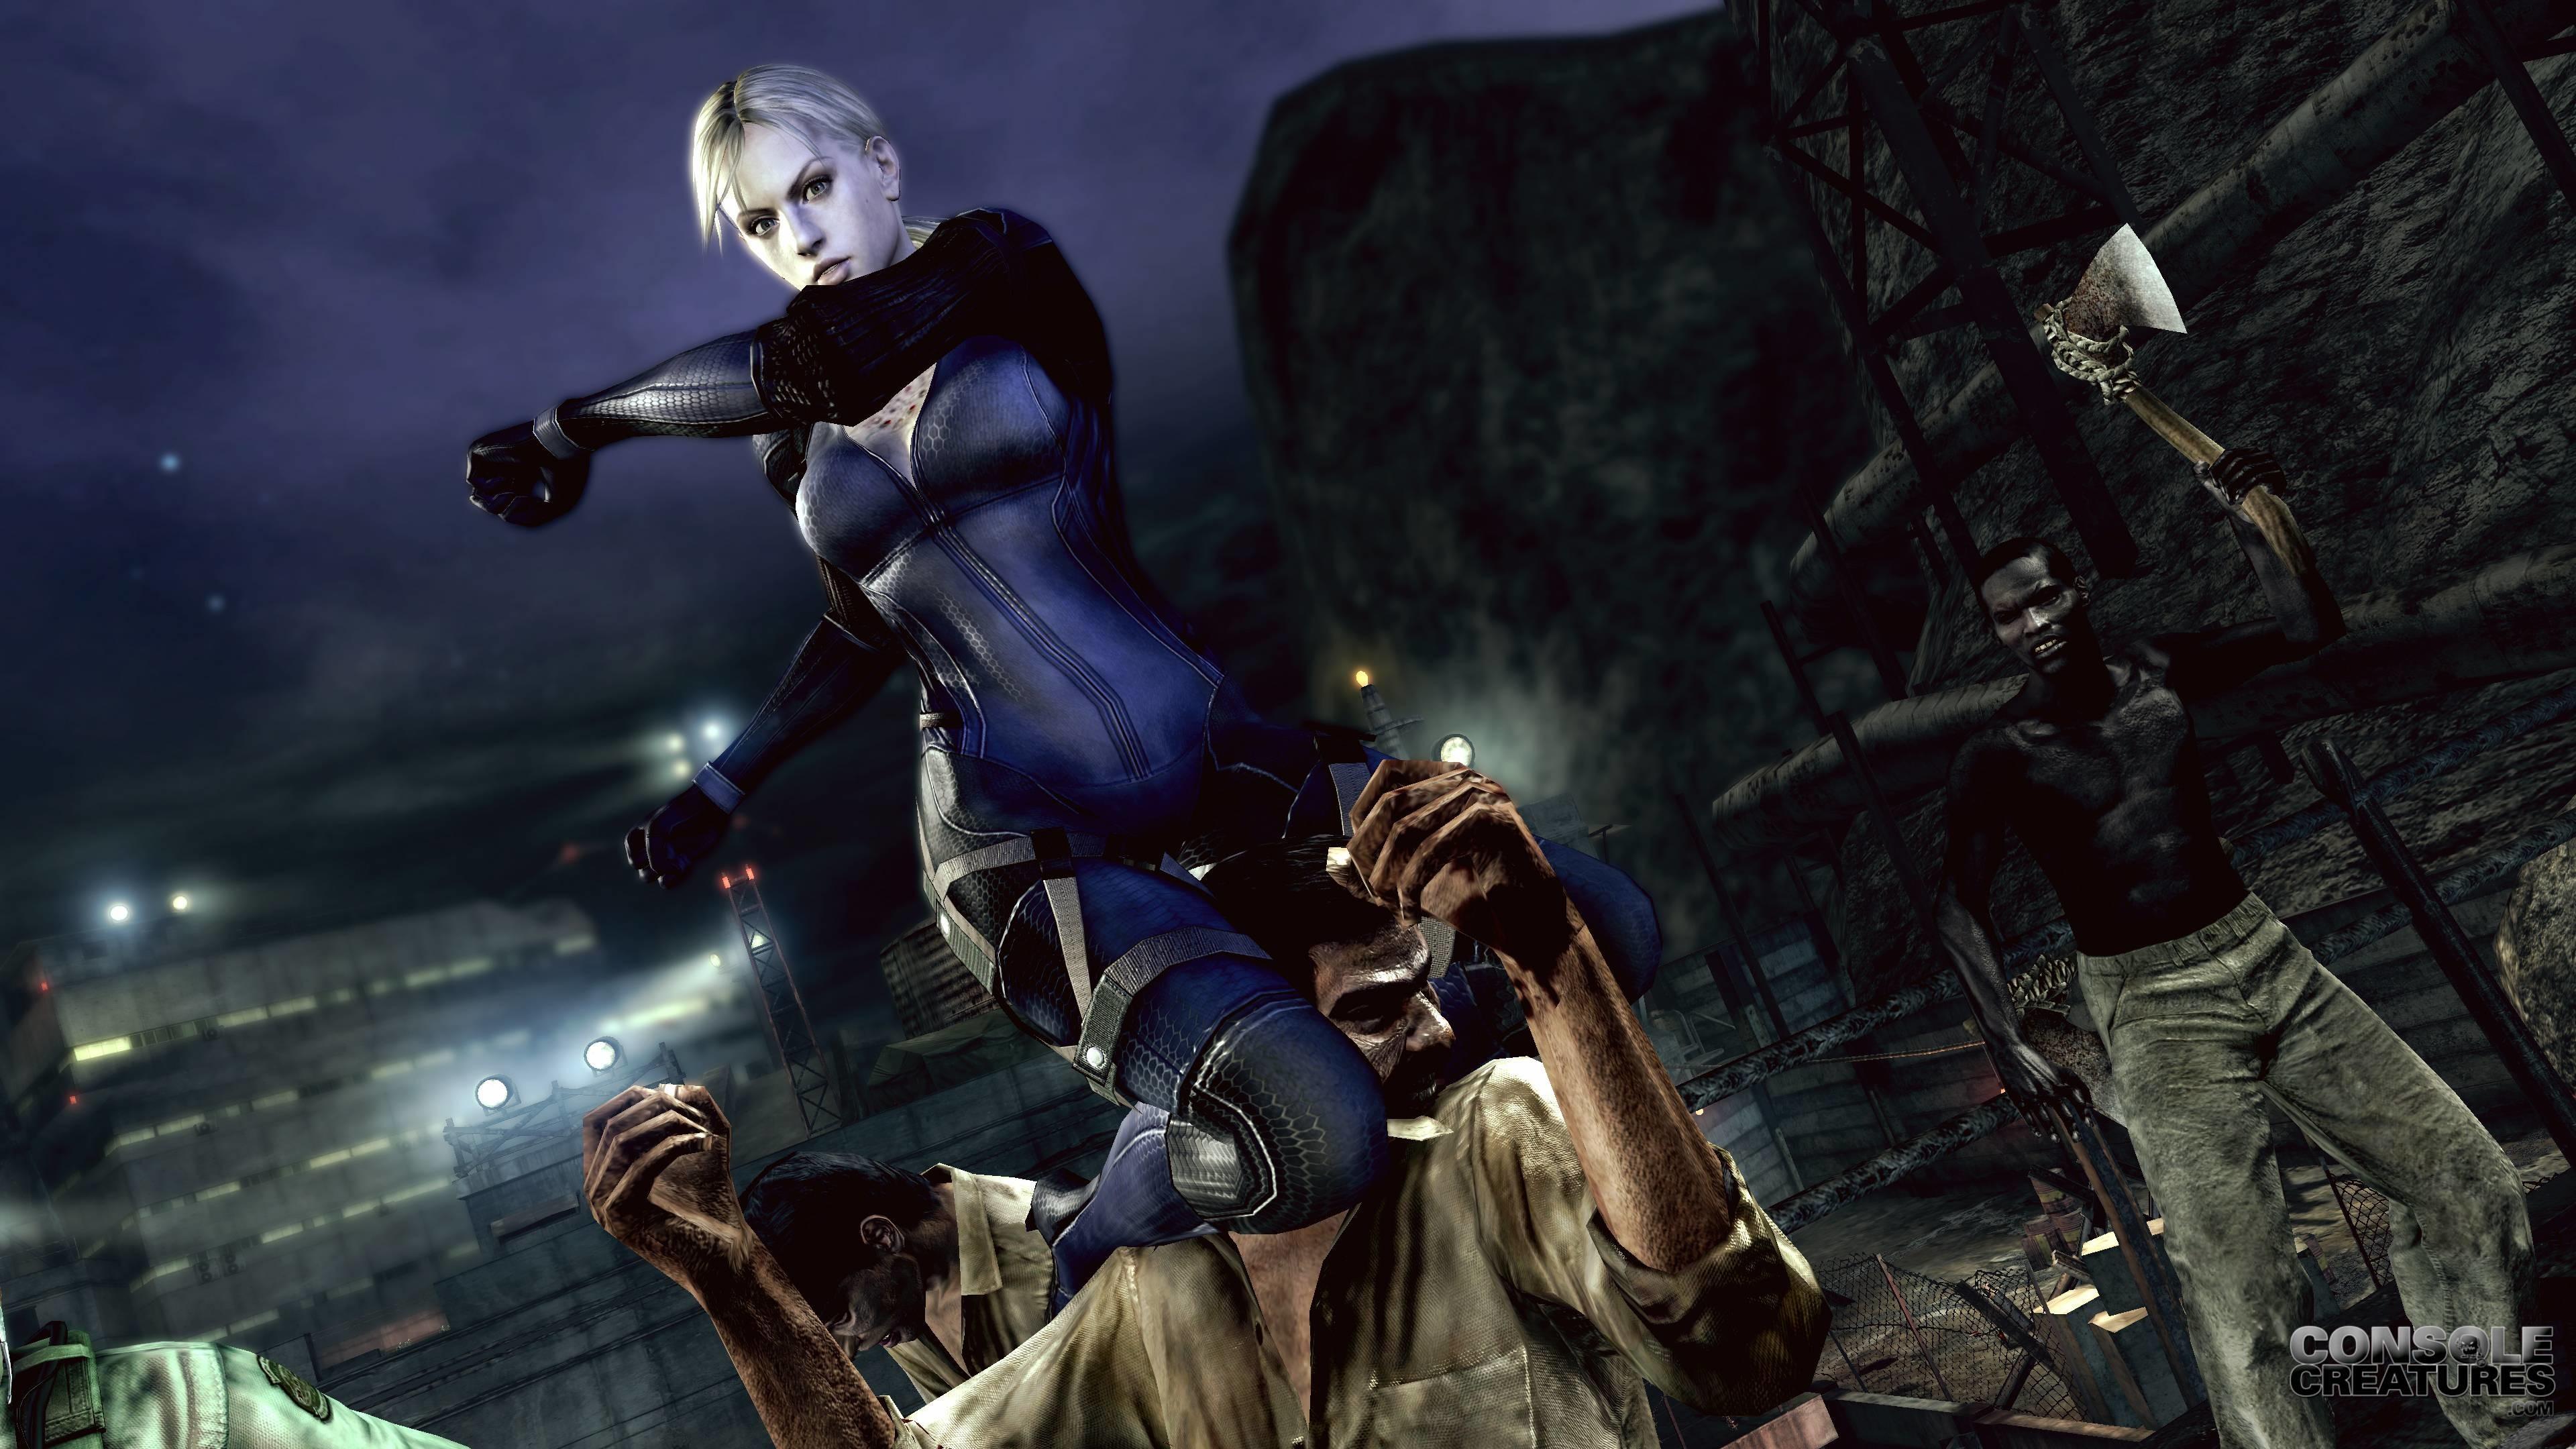 Resident Evil 5 Jill Valentine Wallpaper 76 Images